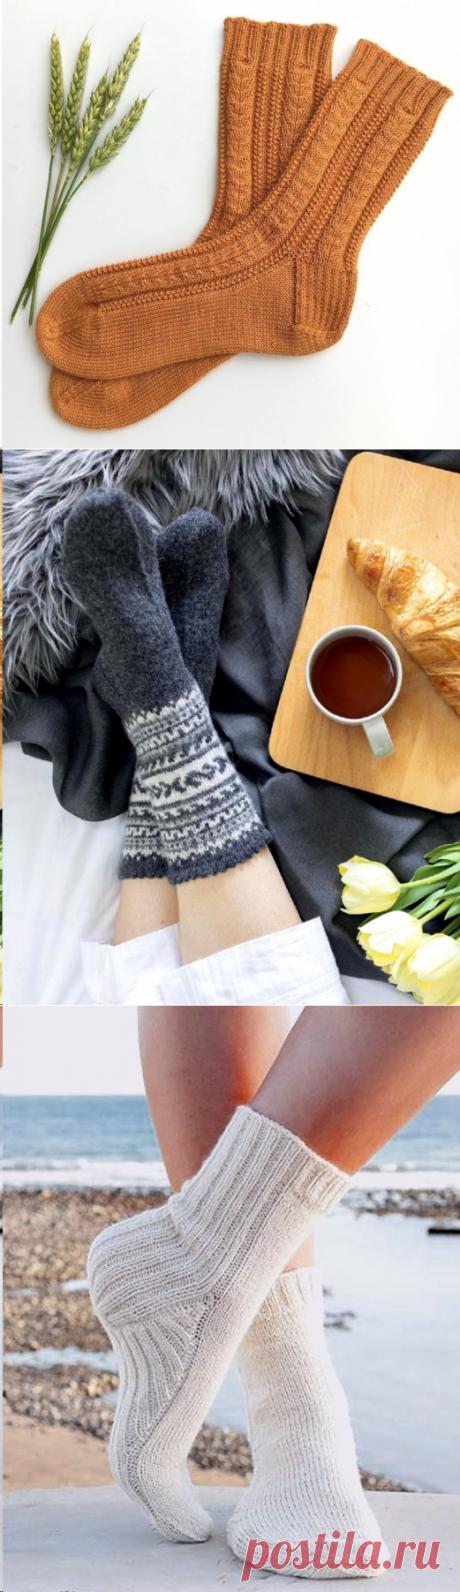 Носки спицами | Вязаные истории | Яндекс Дзен